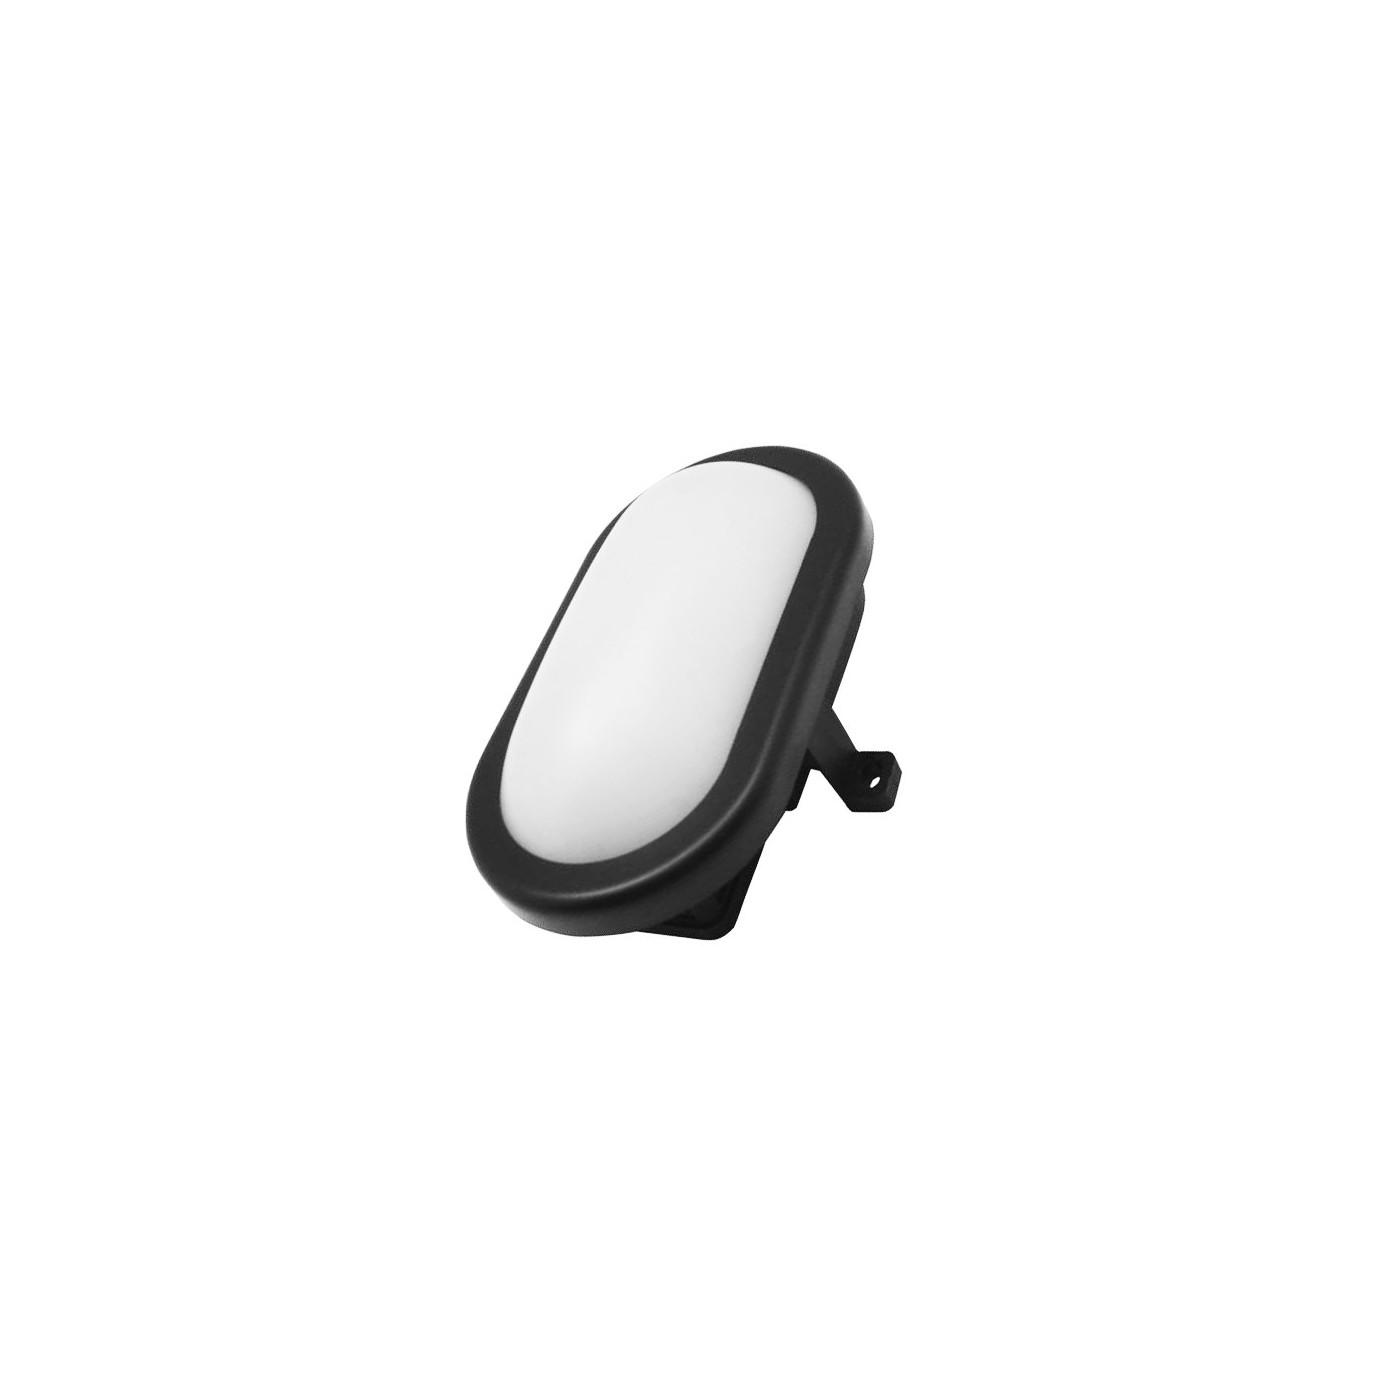 Bullseye lampada per esterni (220v, a prova di schizzi, nera)